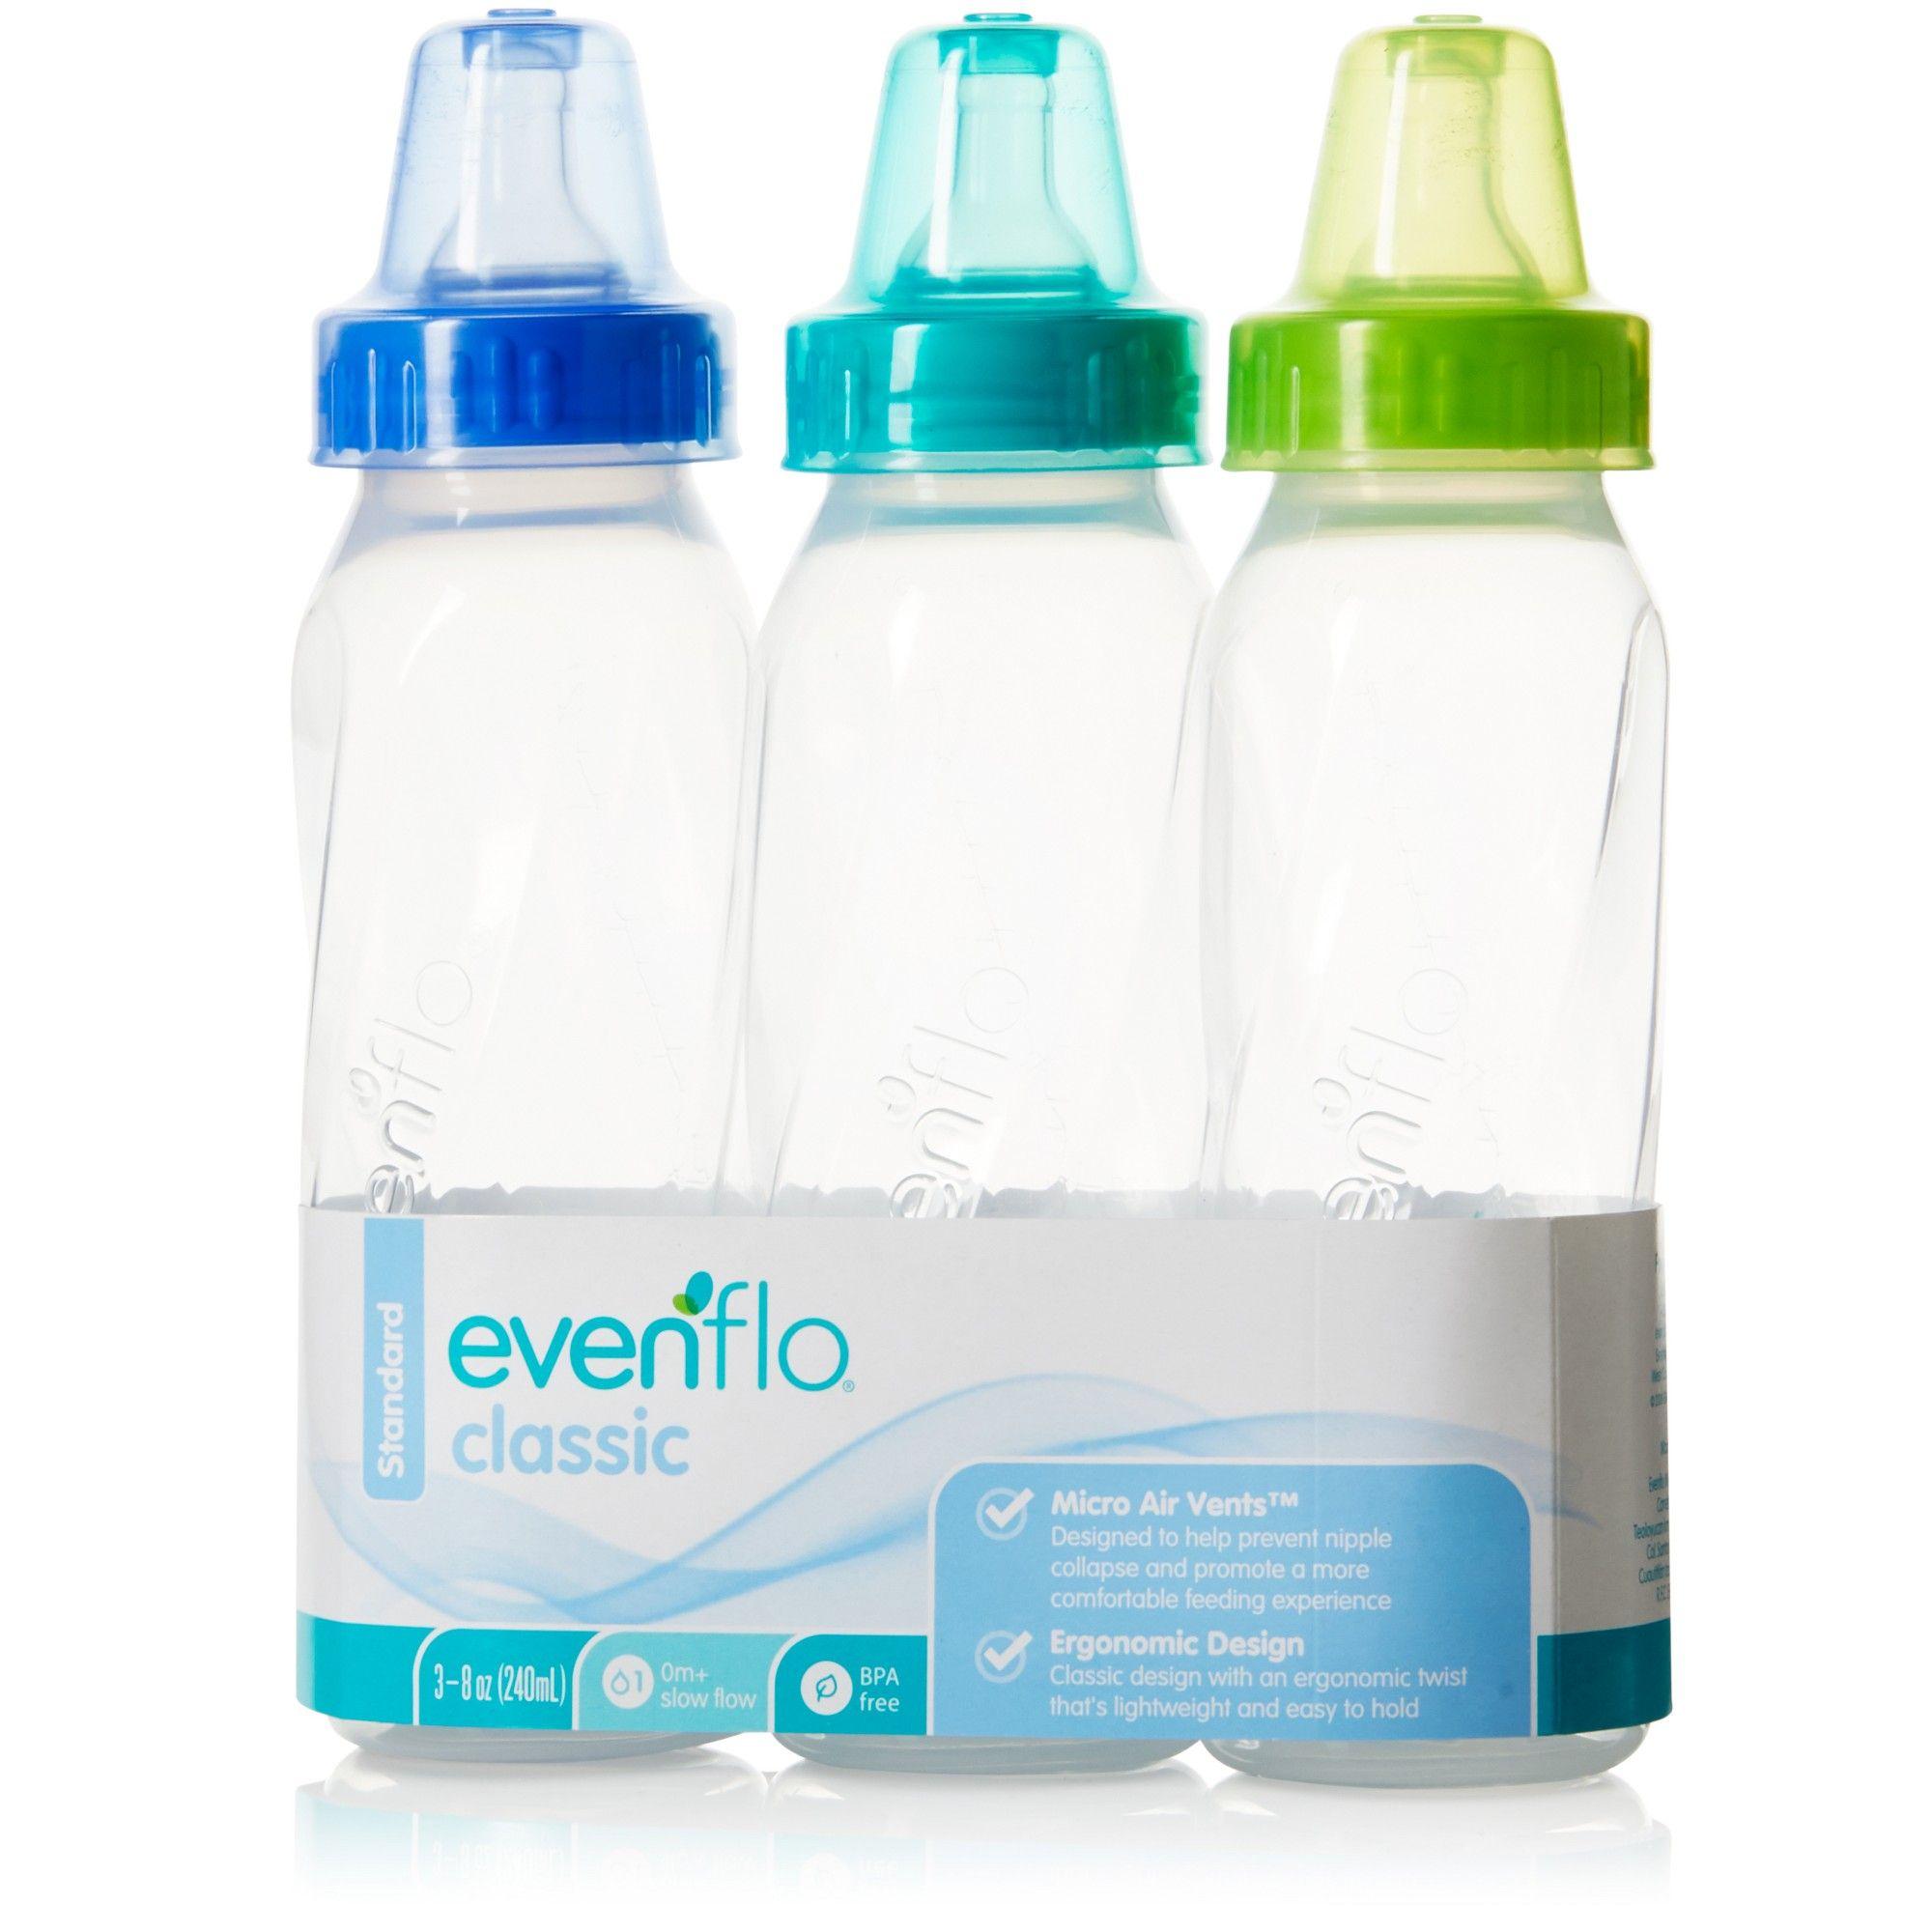 Evenflo Classic 3 Pack Bottles 8 Oz Bottles